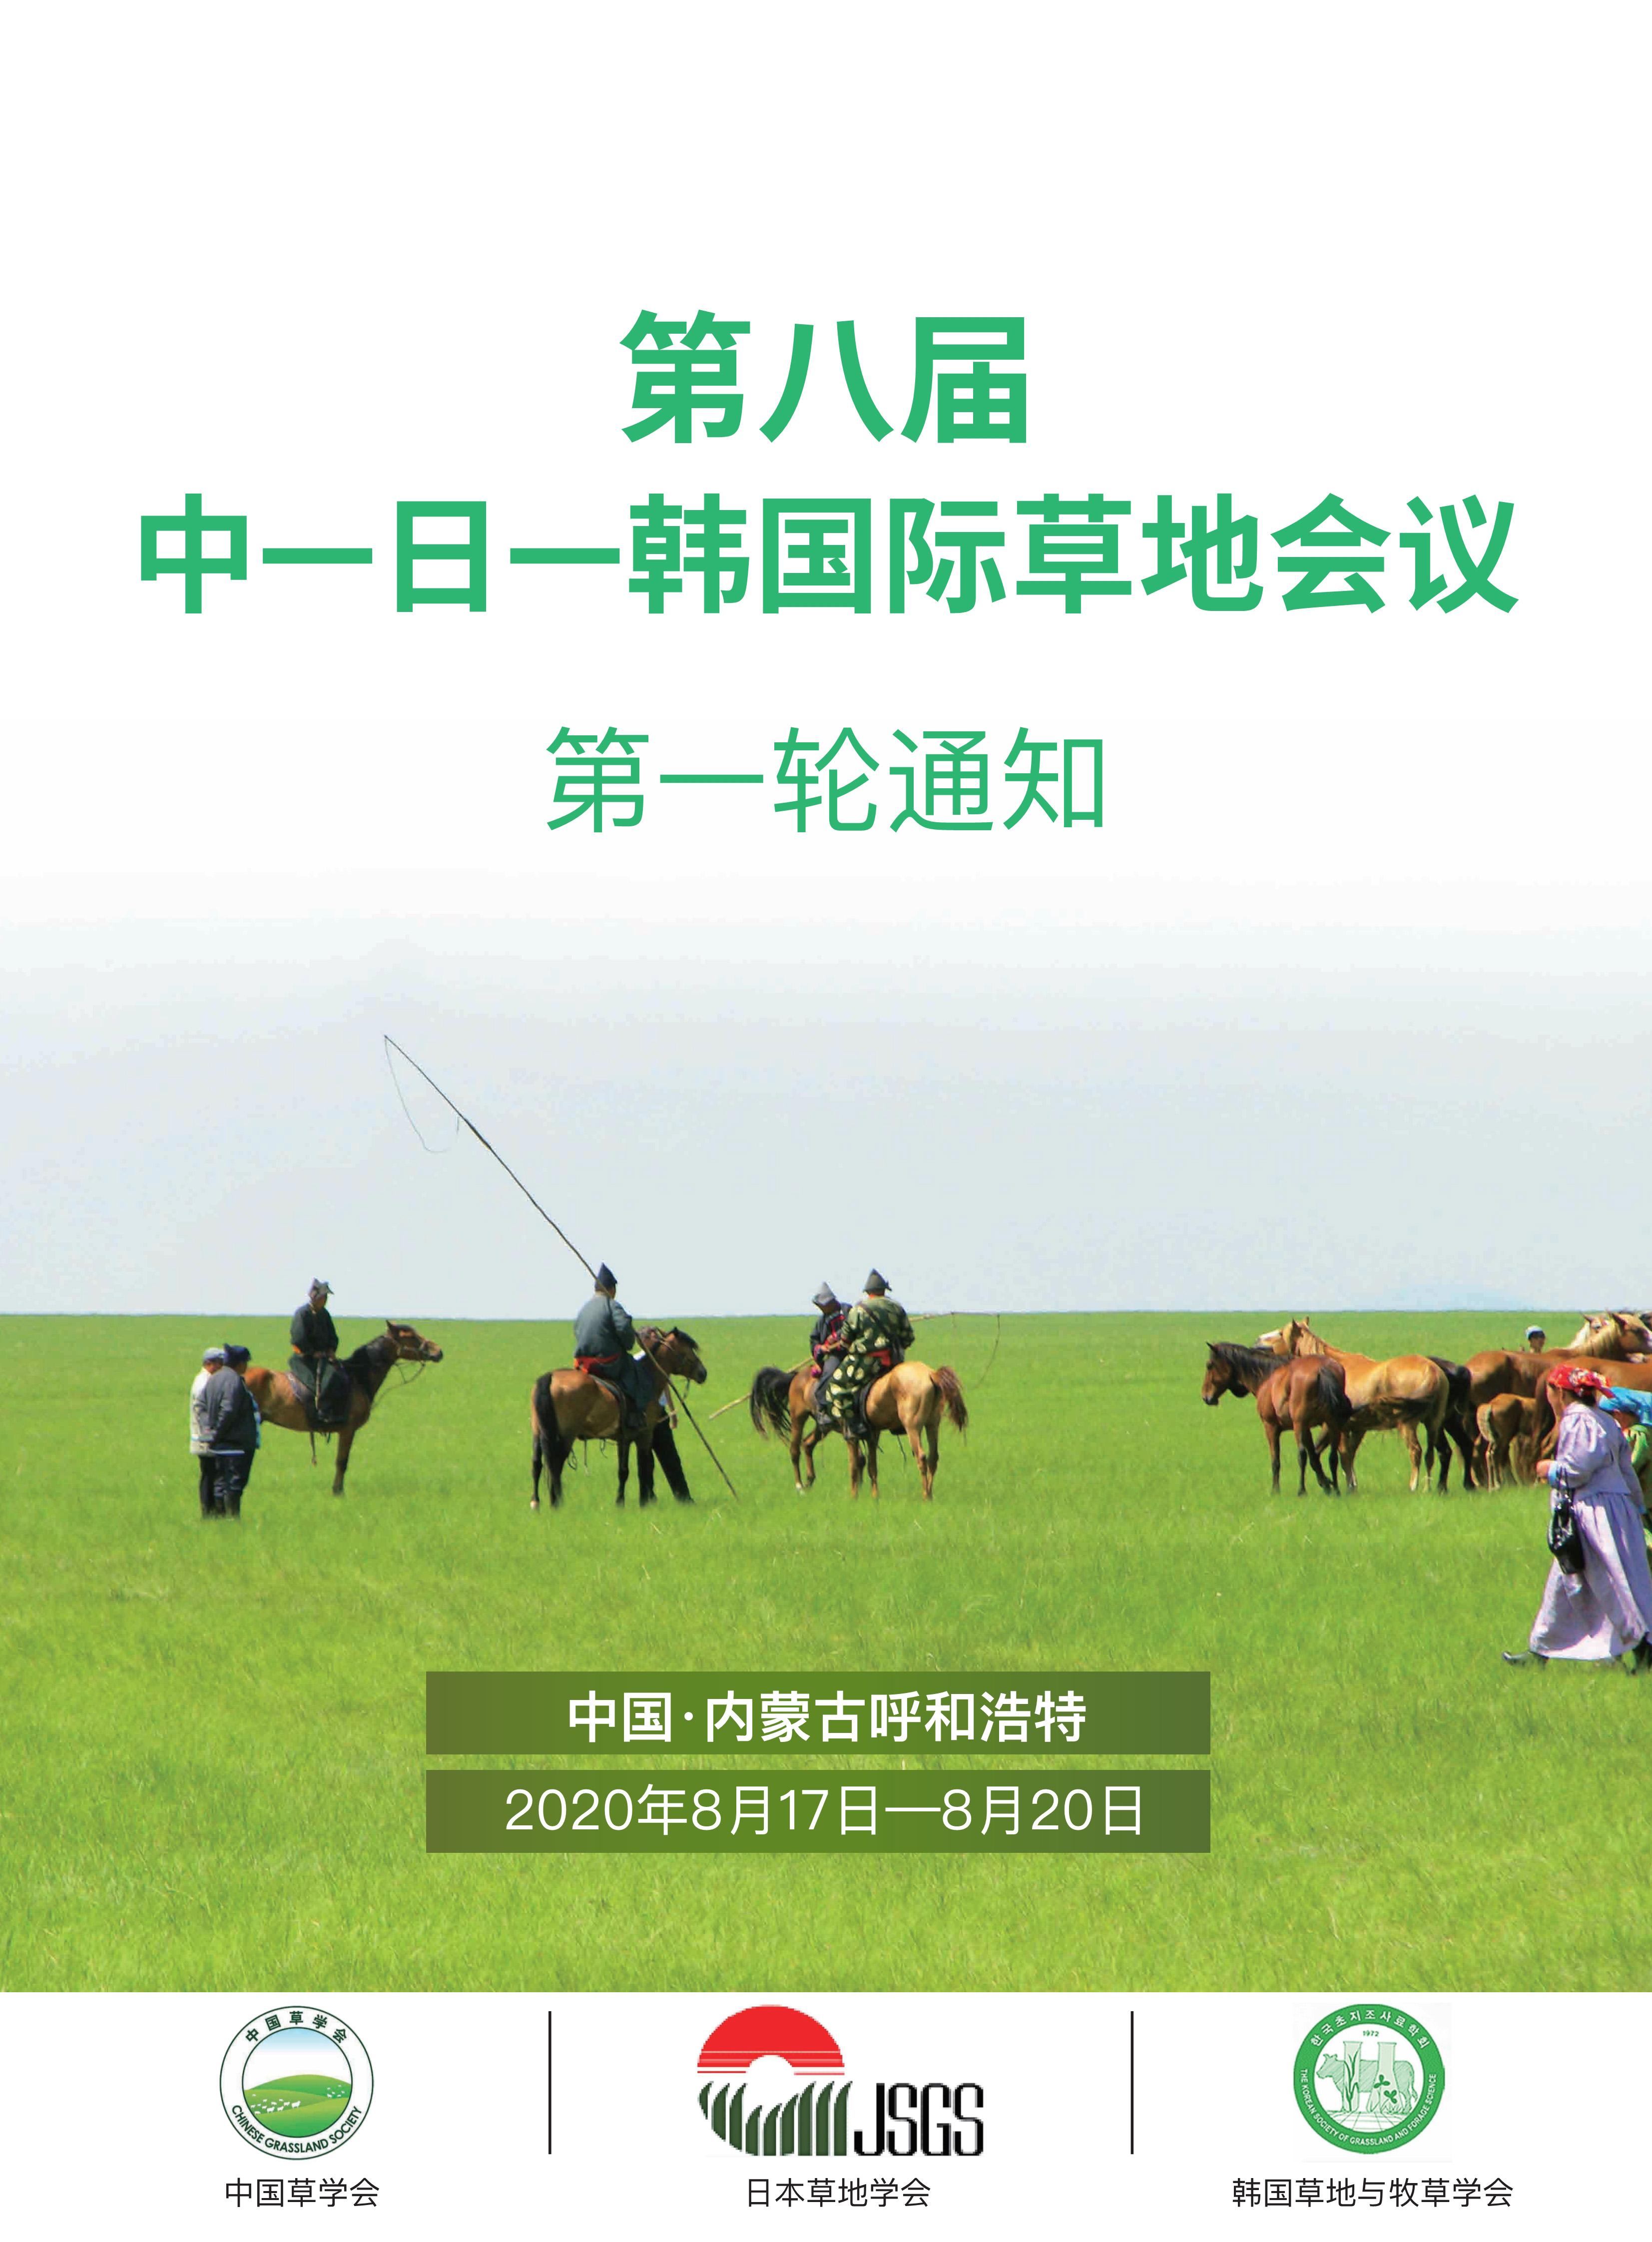 021716515233_00216国际草地会议-中文版回执表_11.jpg